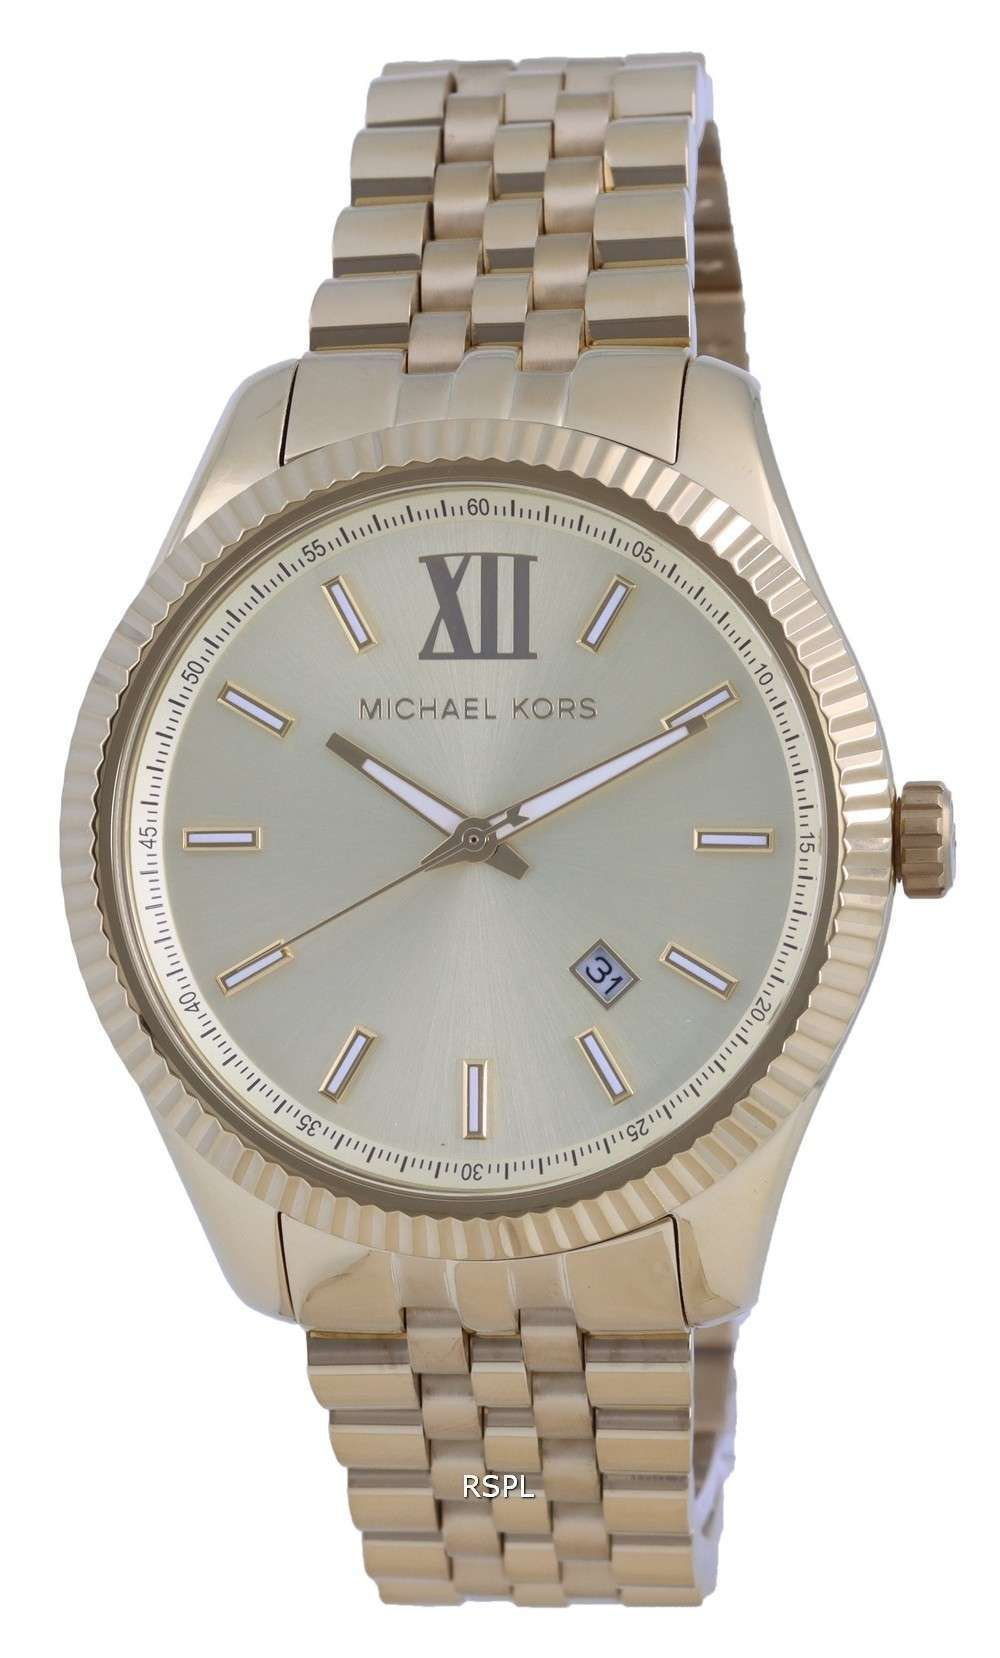 Michael Kors Lexington Gold Dial Quartz MK8857 Reloj para hombre